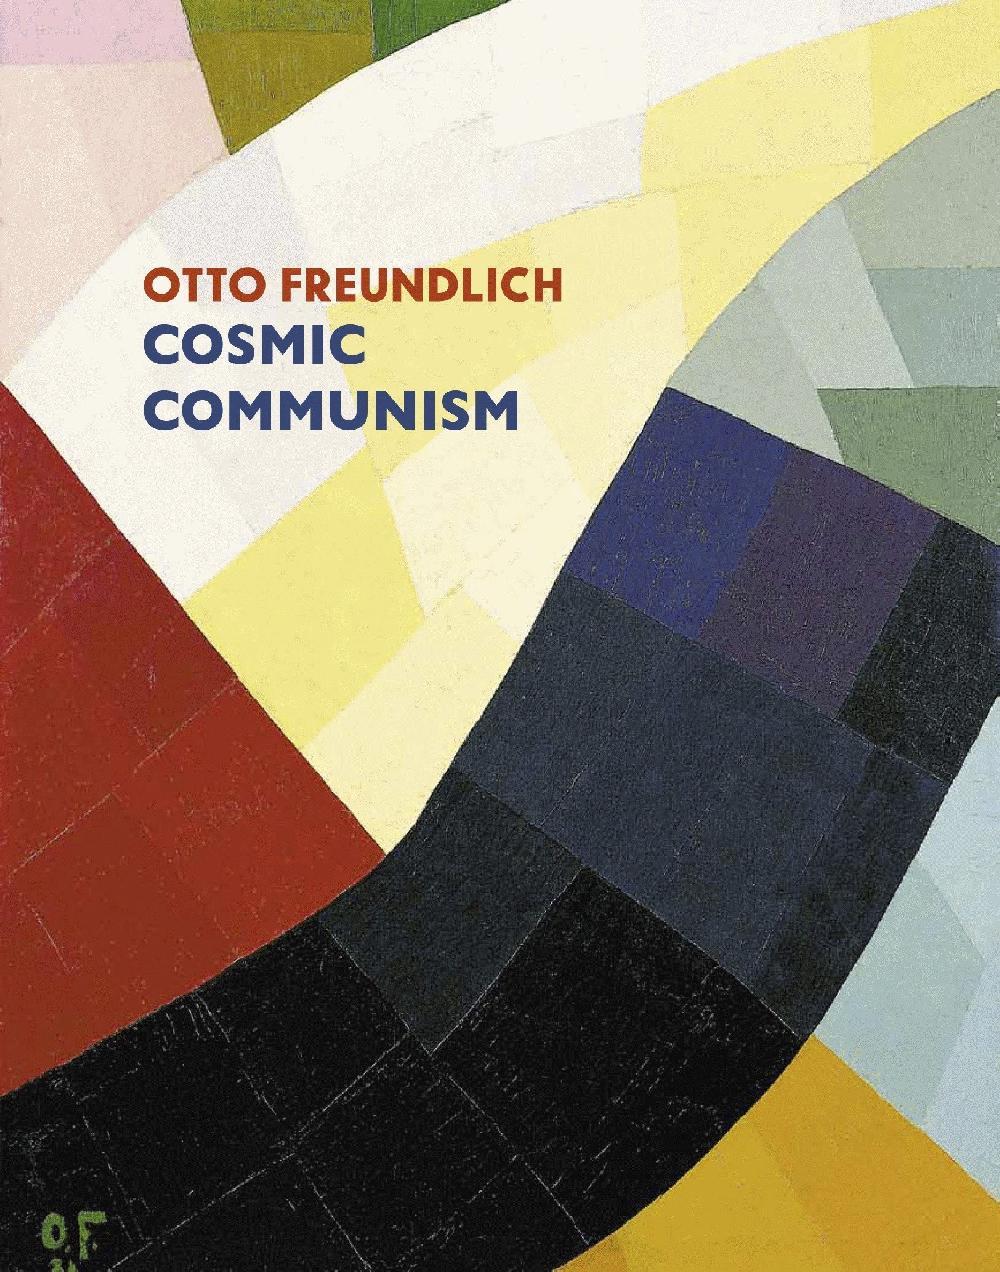 Otto Freundlich: cosmic communism (Relié)